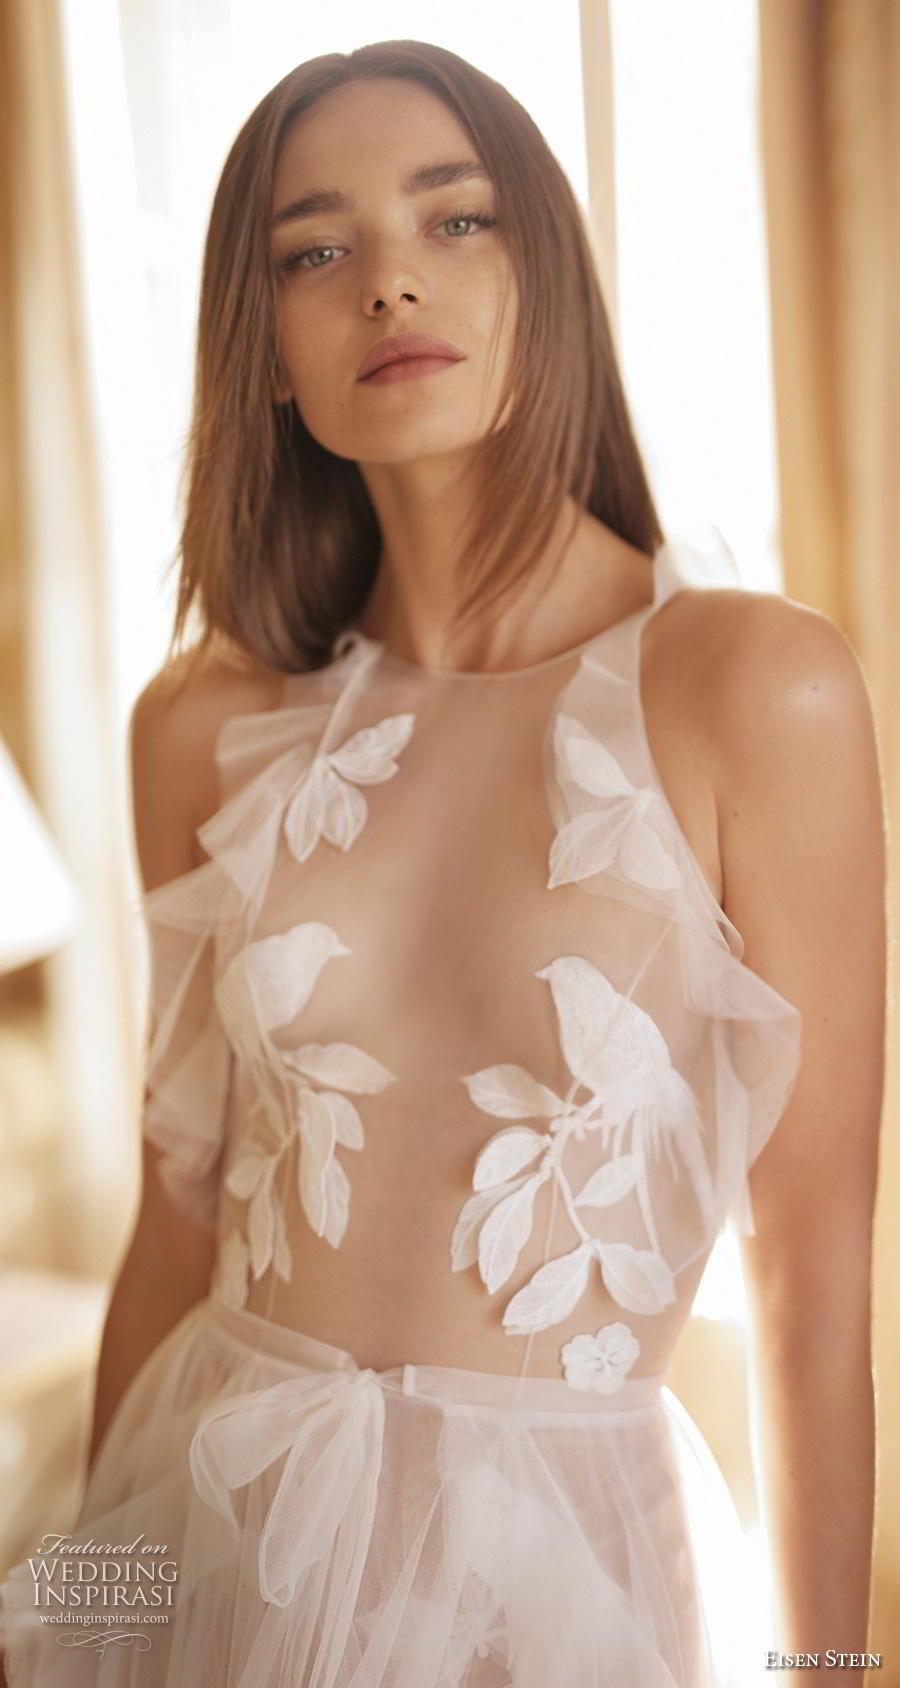 eisen stein fall 2020 bridal sleeveless halter neck heavily embellished sheer bodice tulle skirt romantic soft a  line wedding dress backless medium train (7) zv